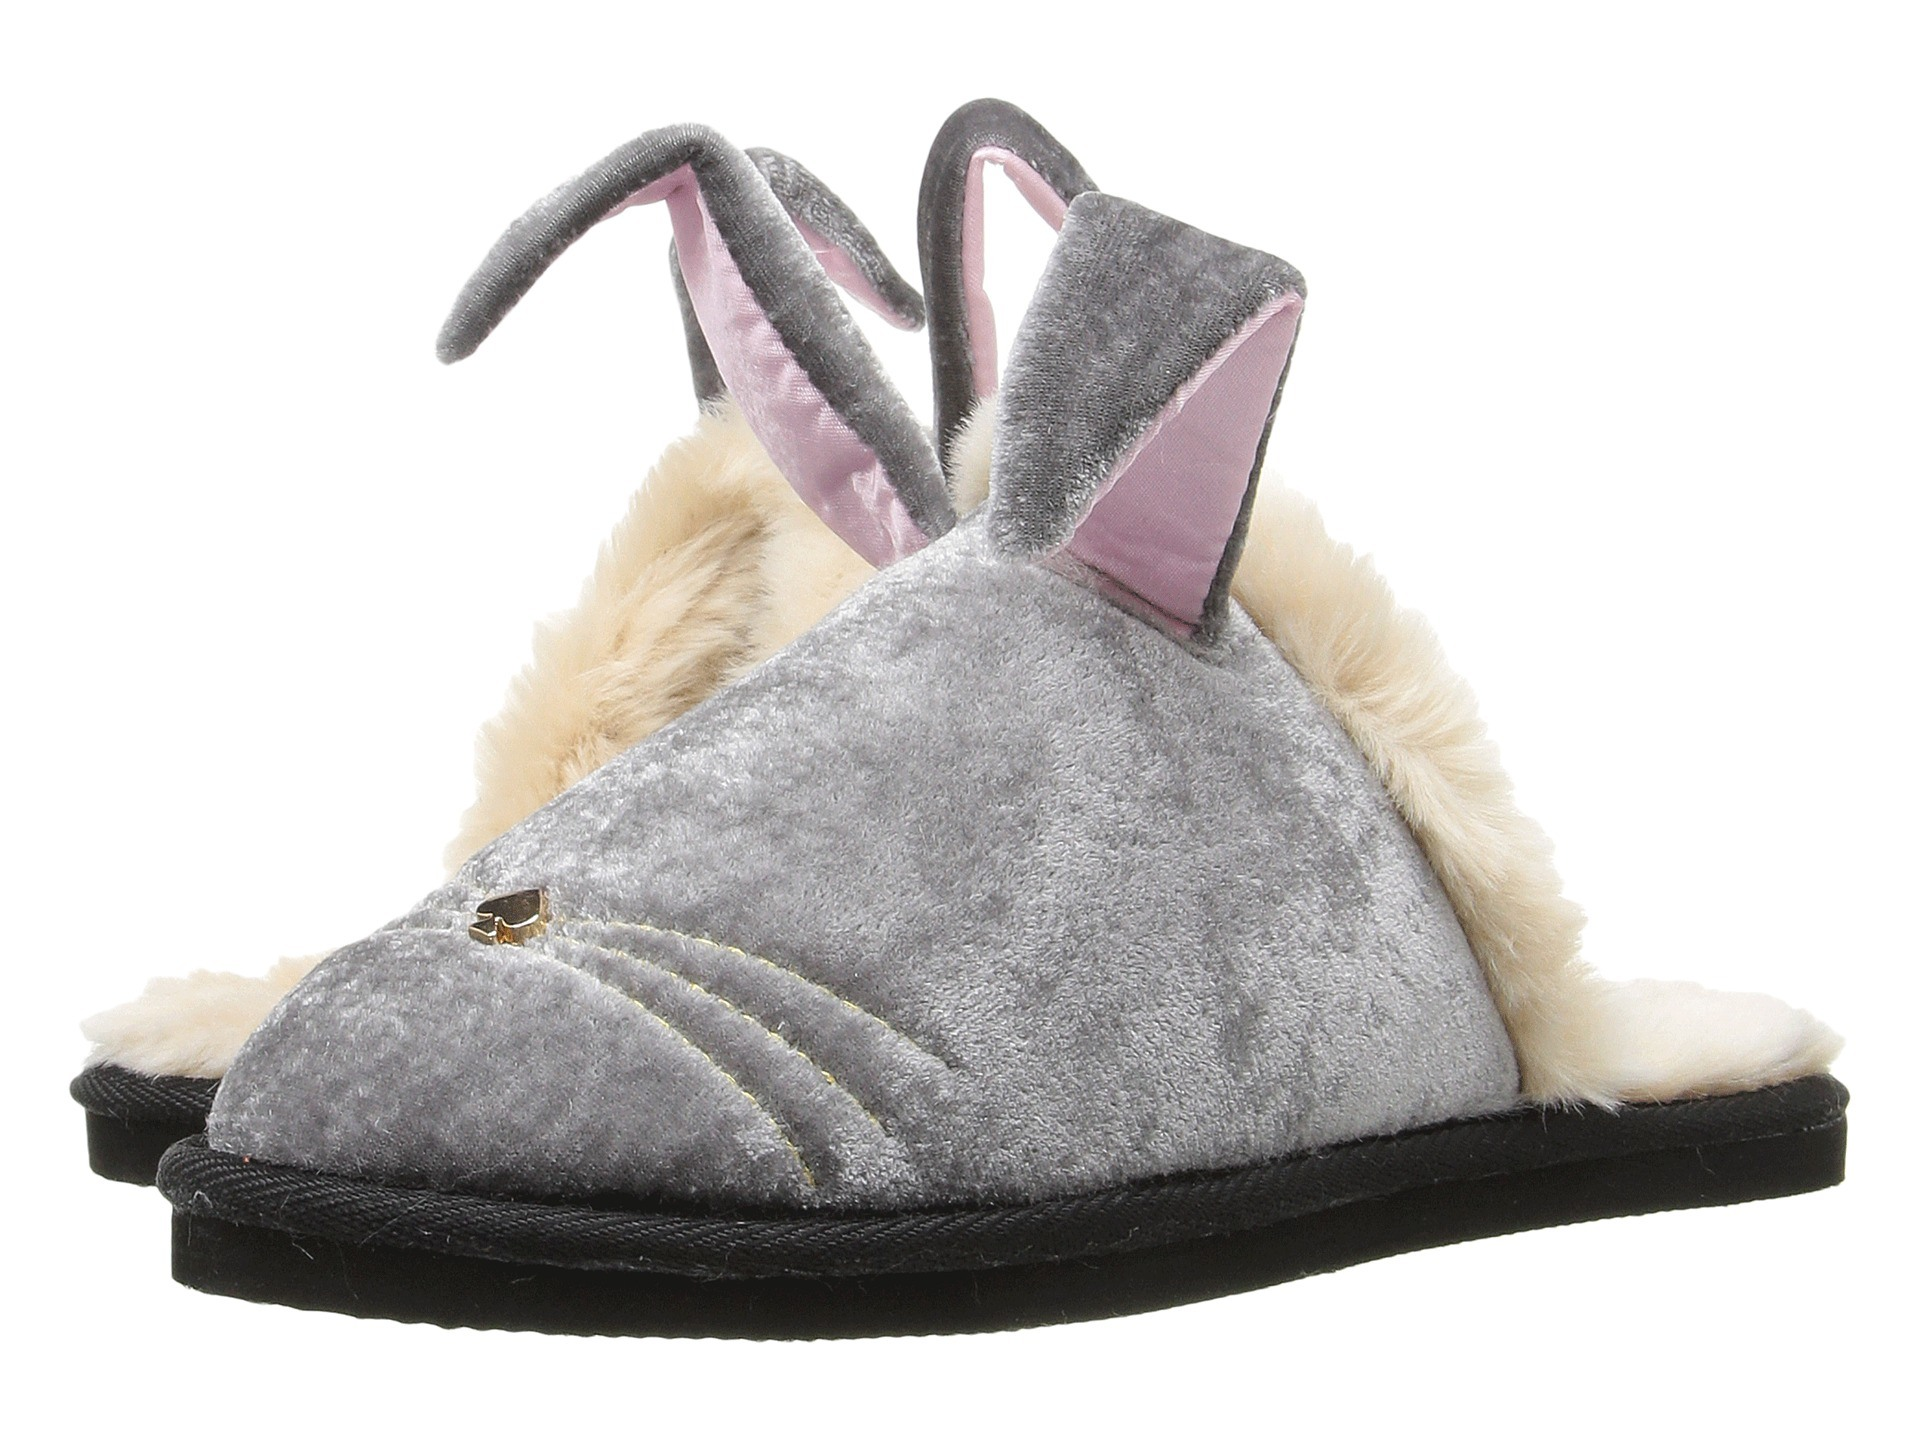 Girls Home Slippers Animal Design Indoor Slipper